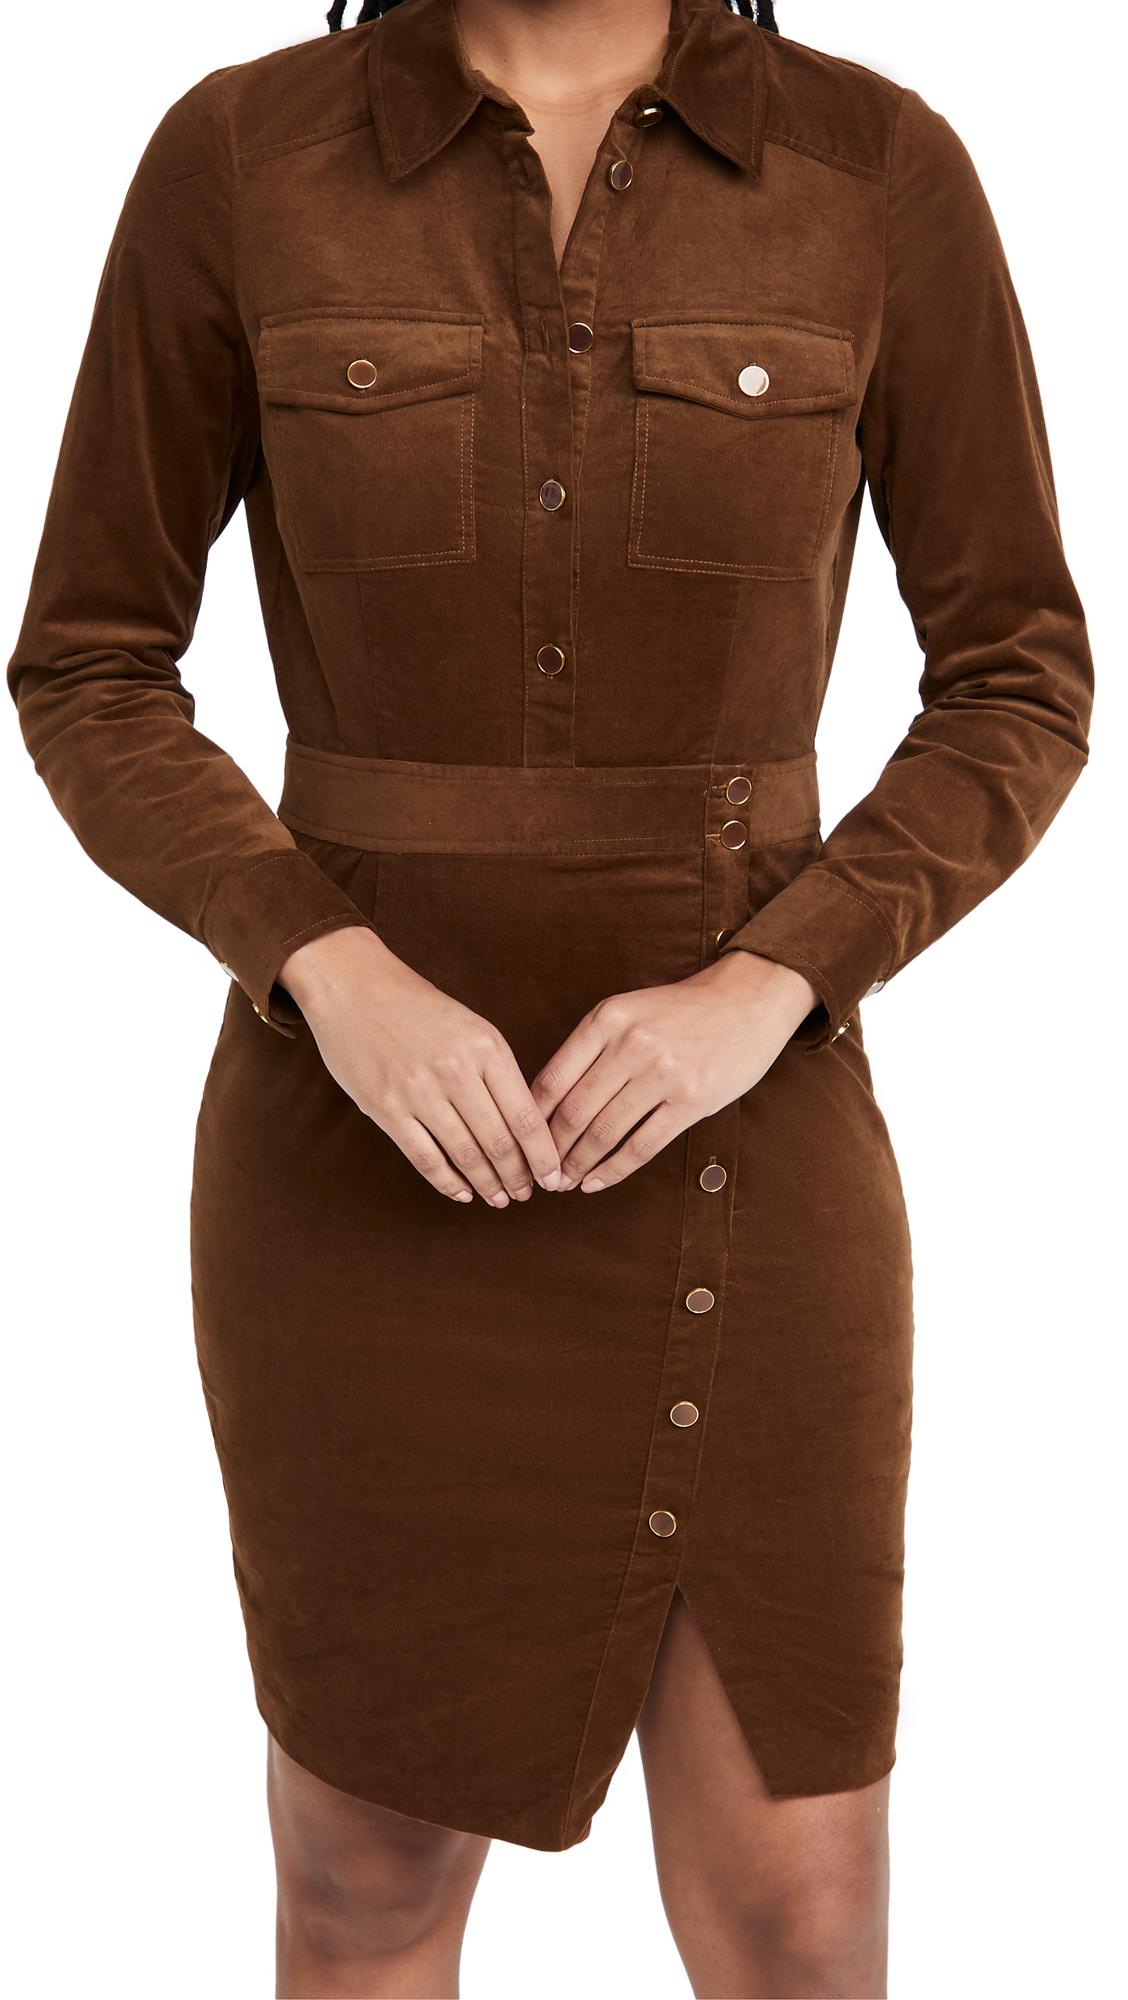 Veronica Beard Britton Shirtdress